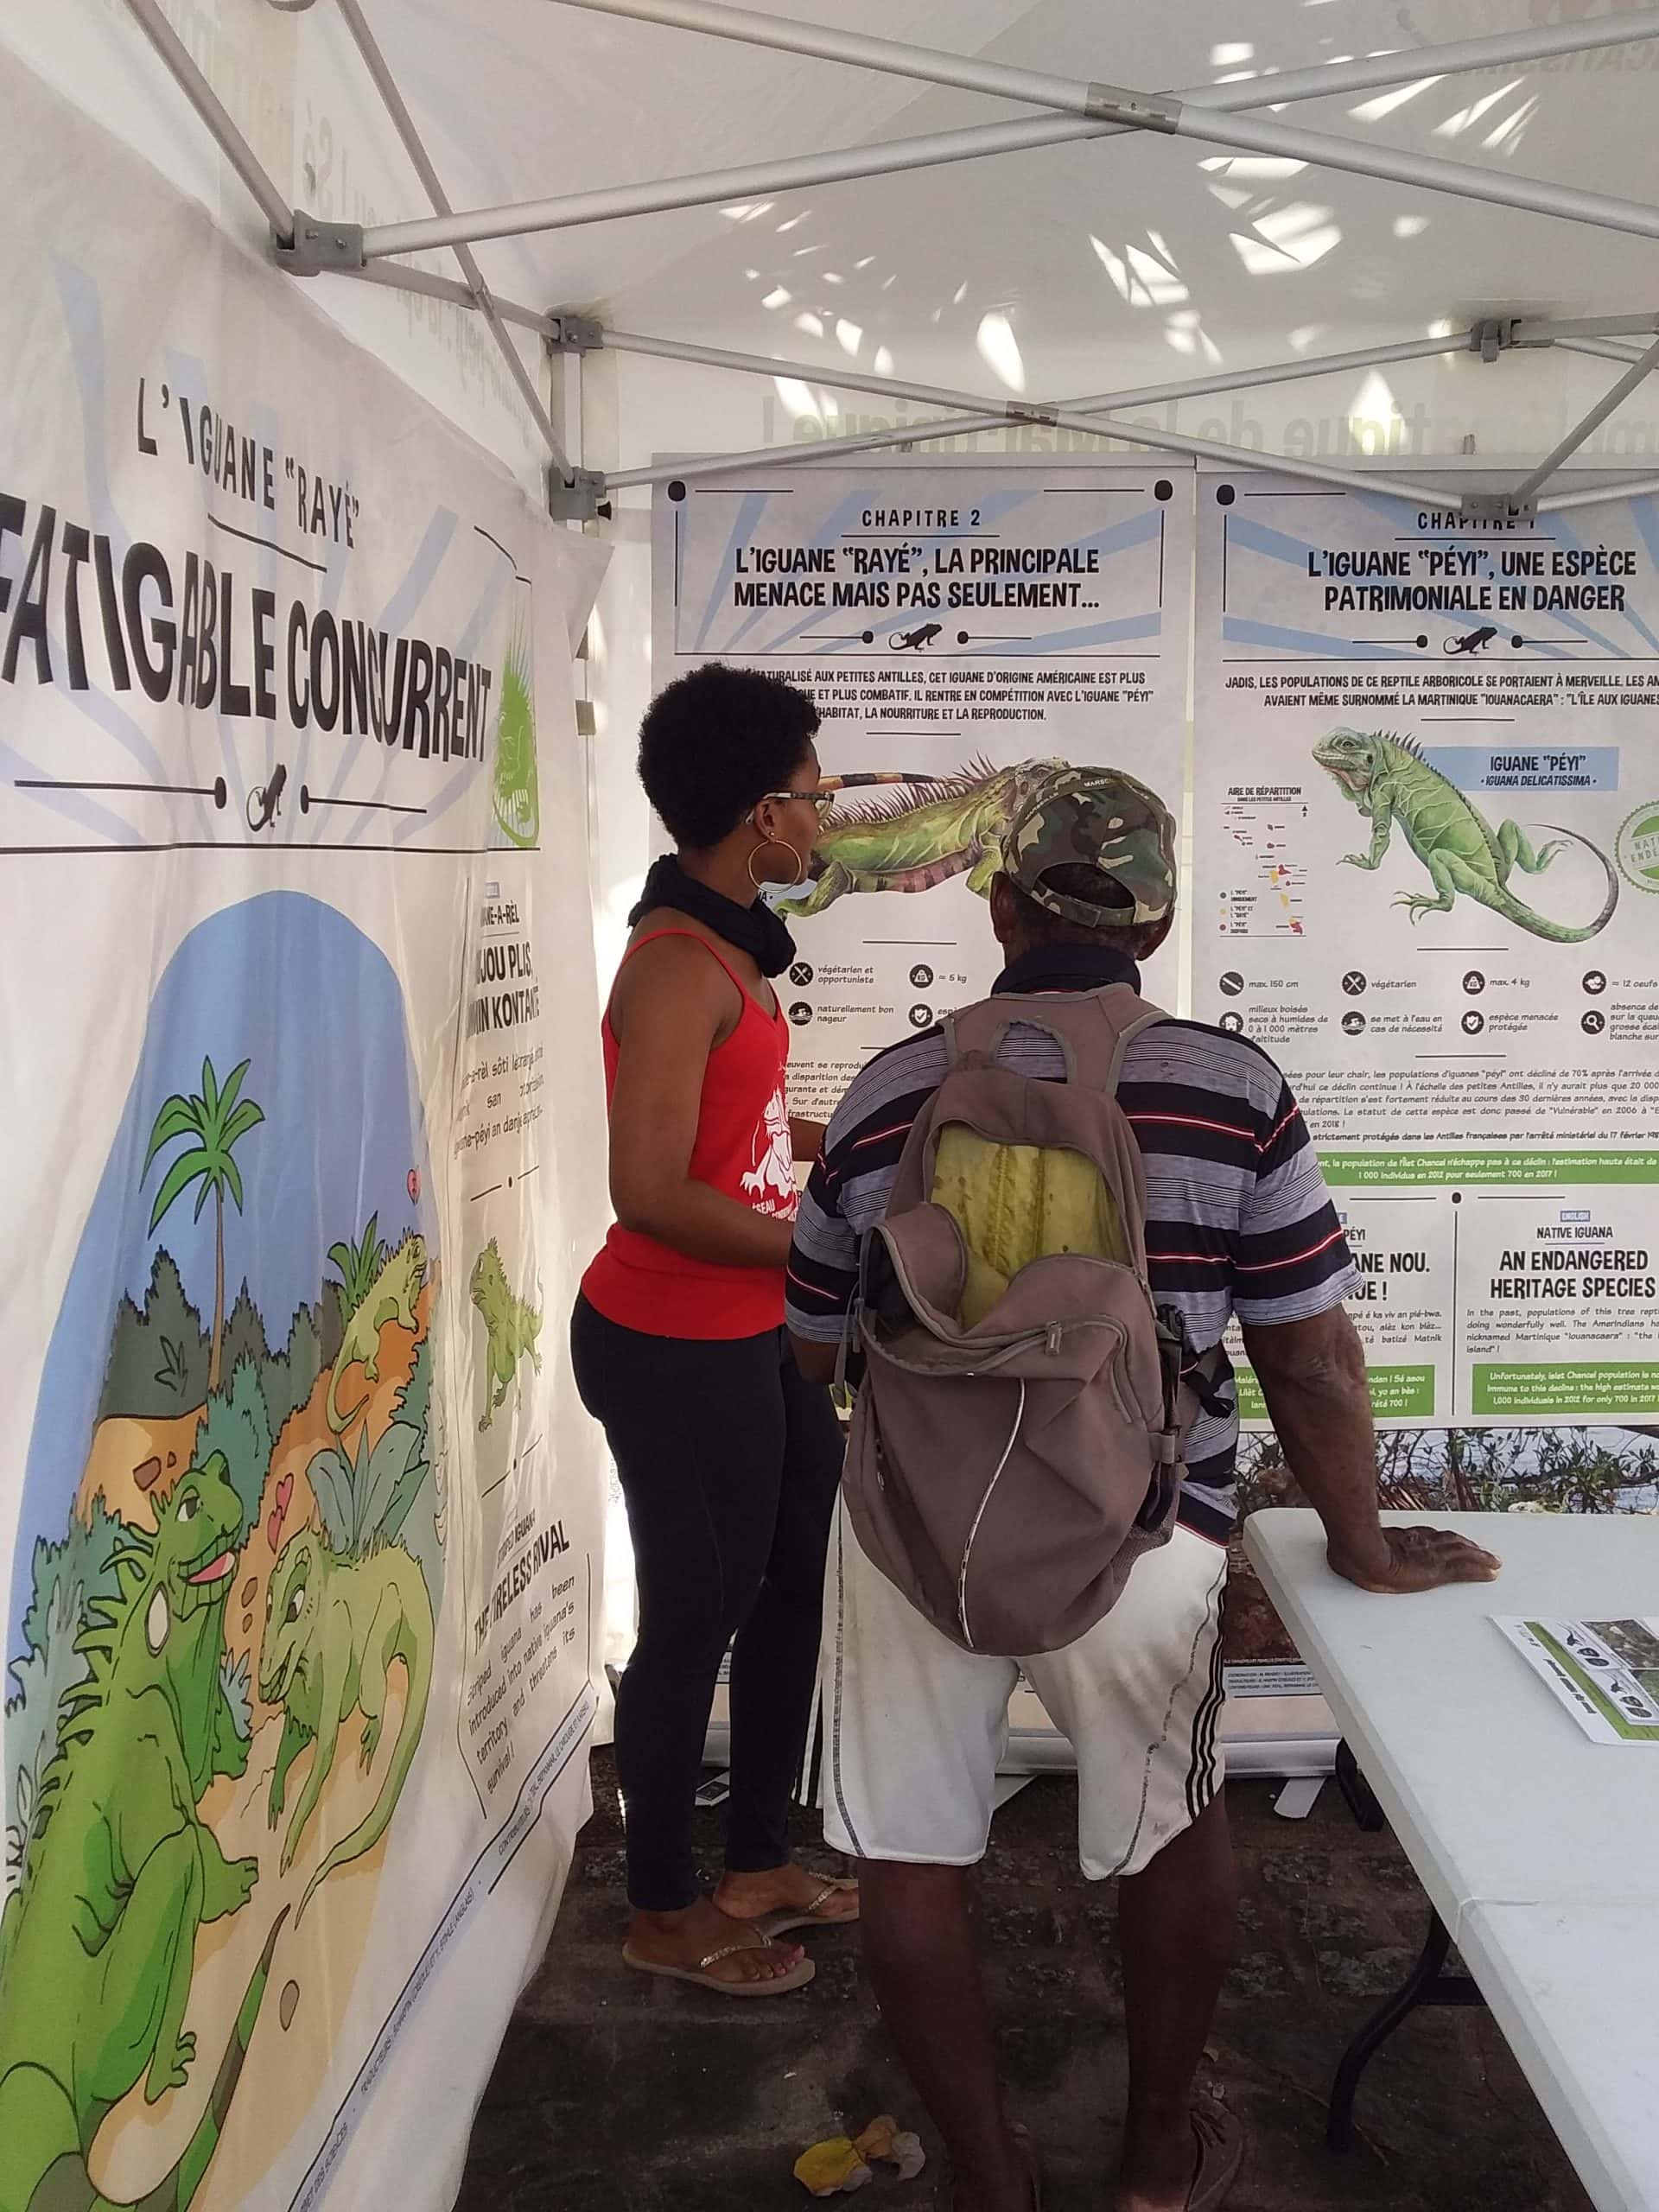 iguanes petites Antilles scaled